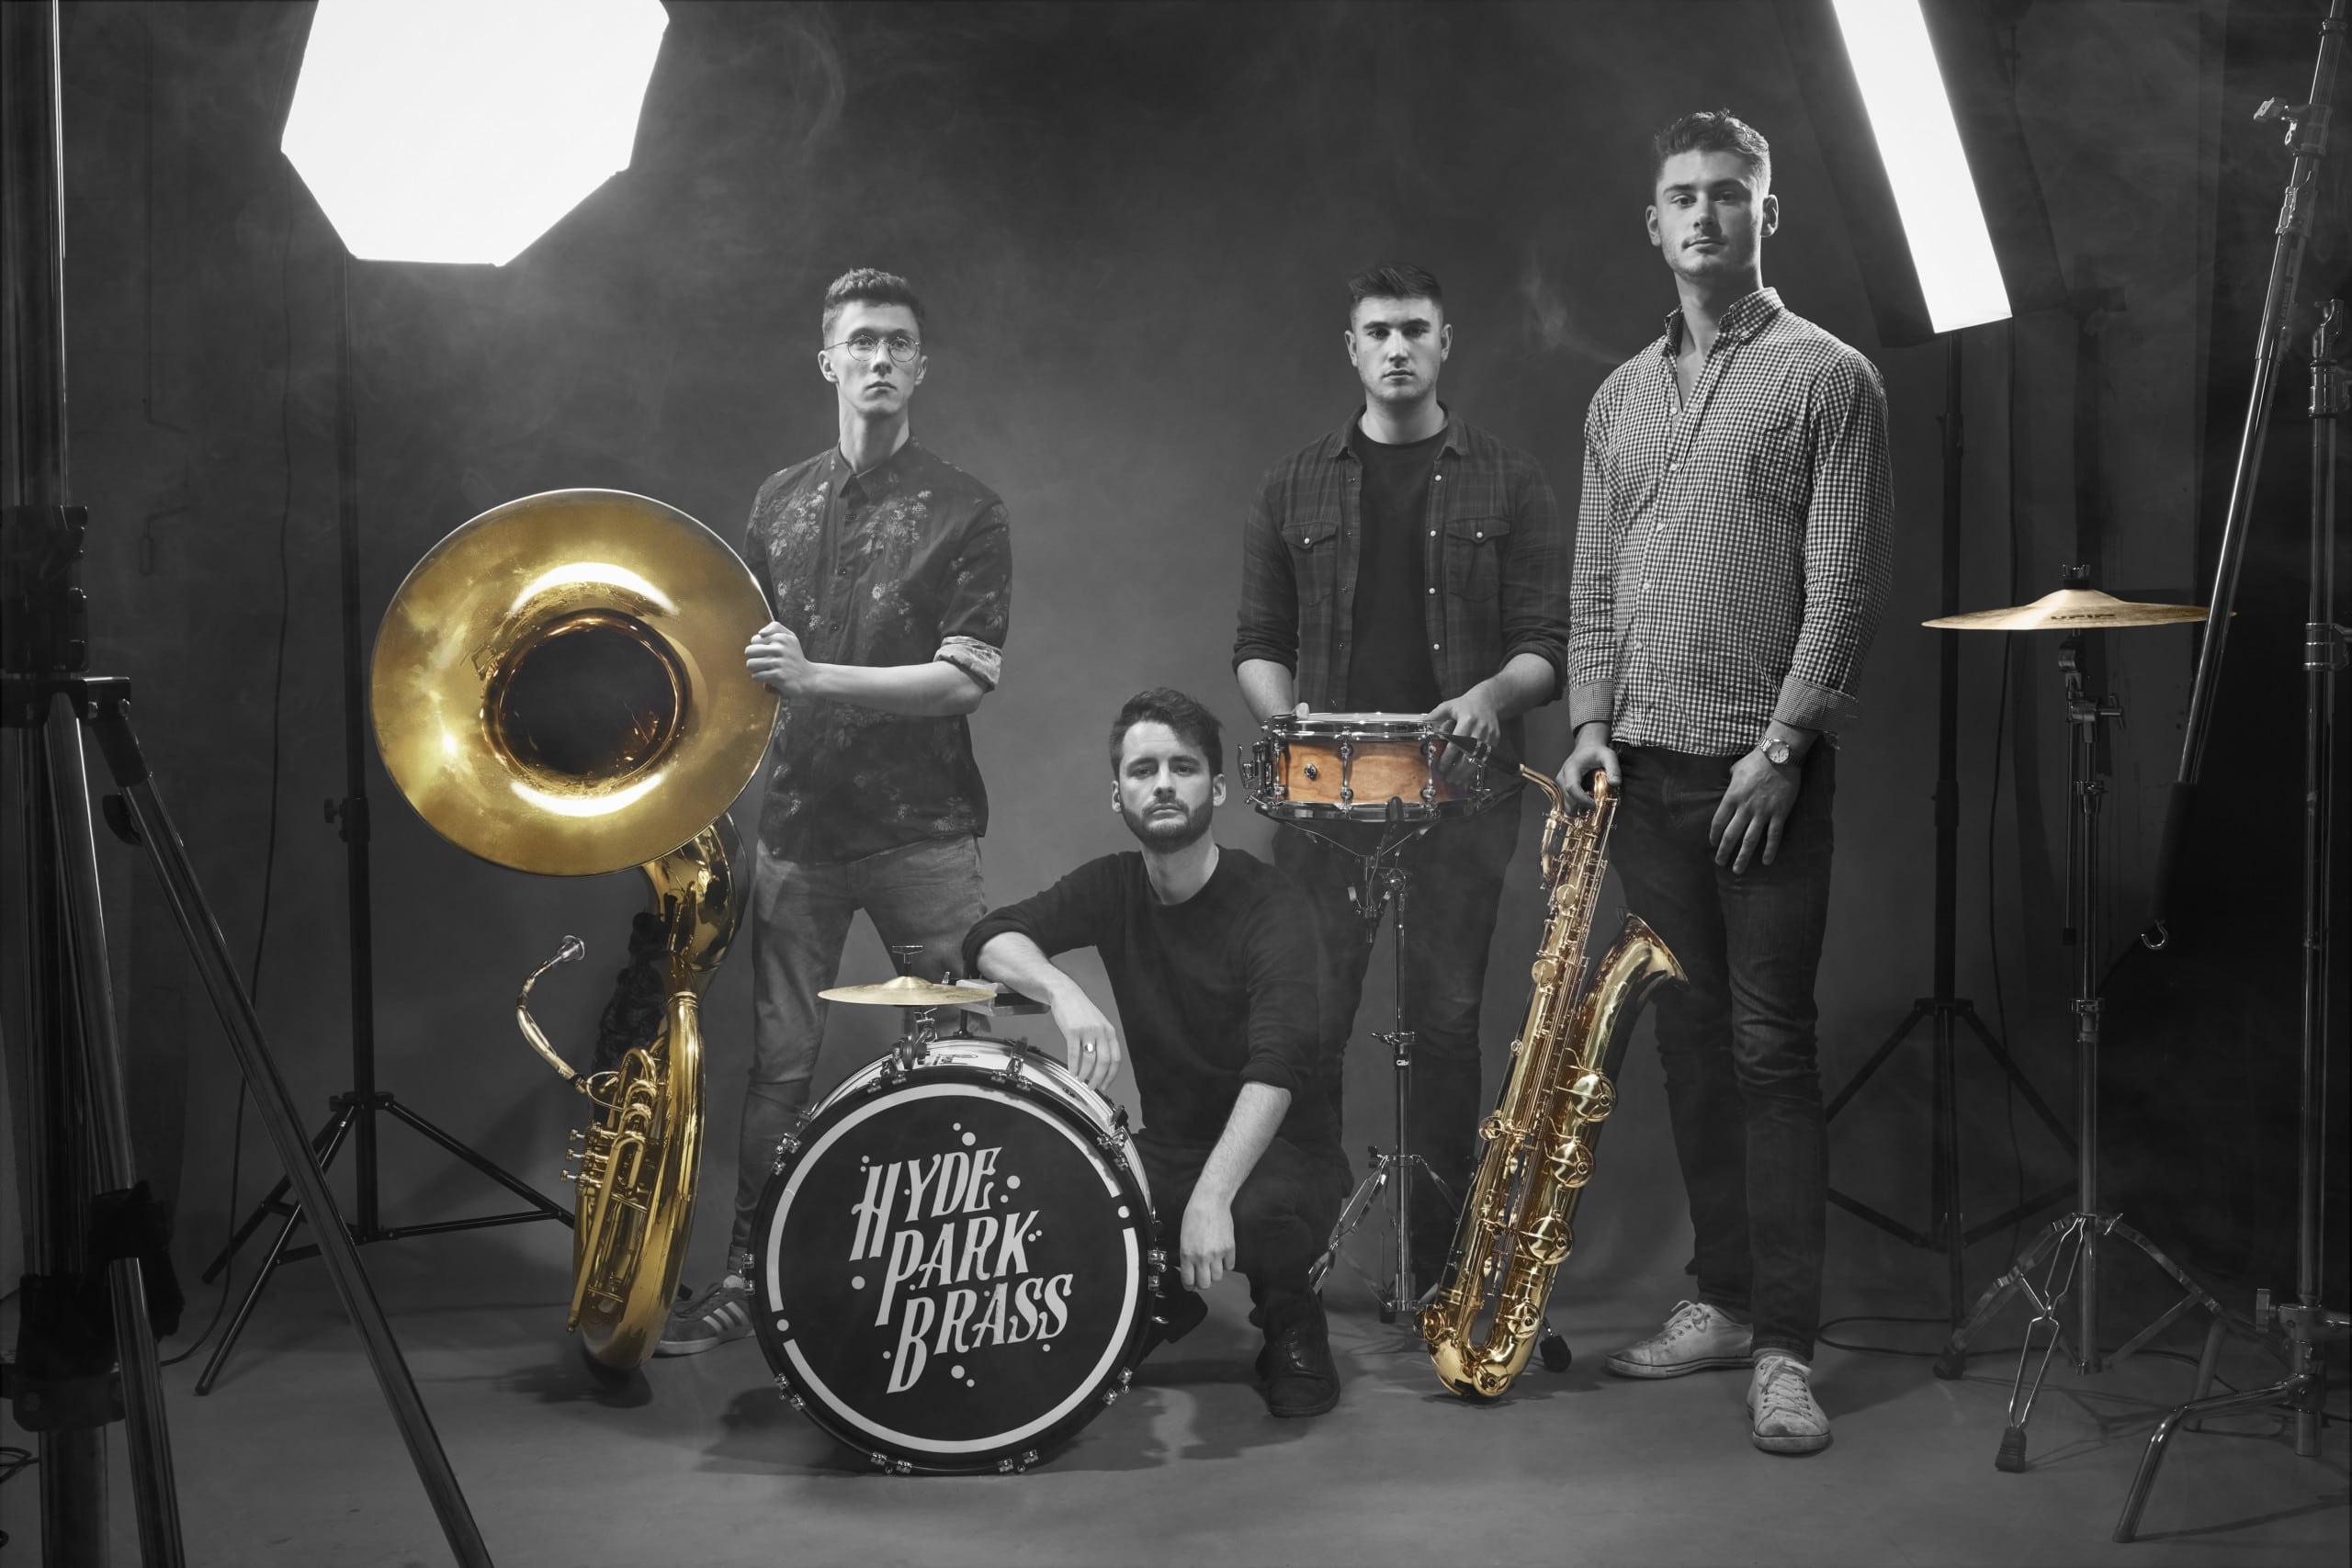 Hyde Park Brass Band